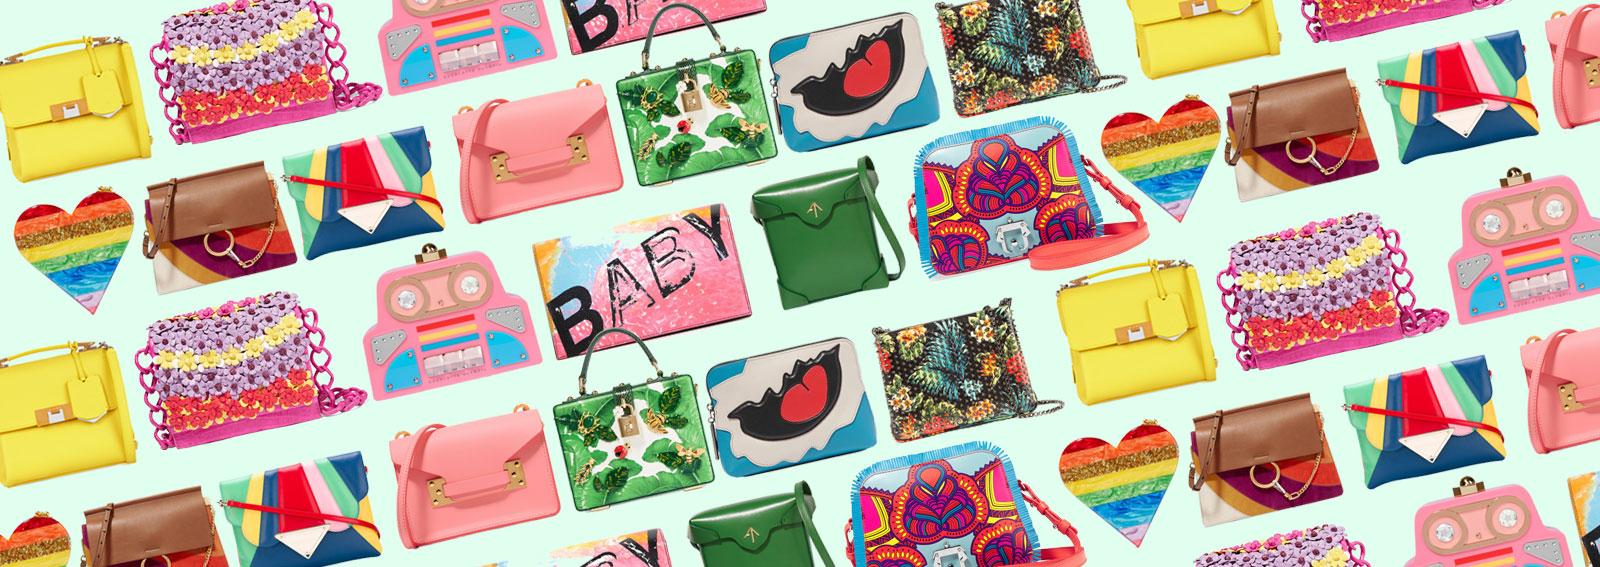 cover borse per l'estate le versioni più colorate dekstop